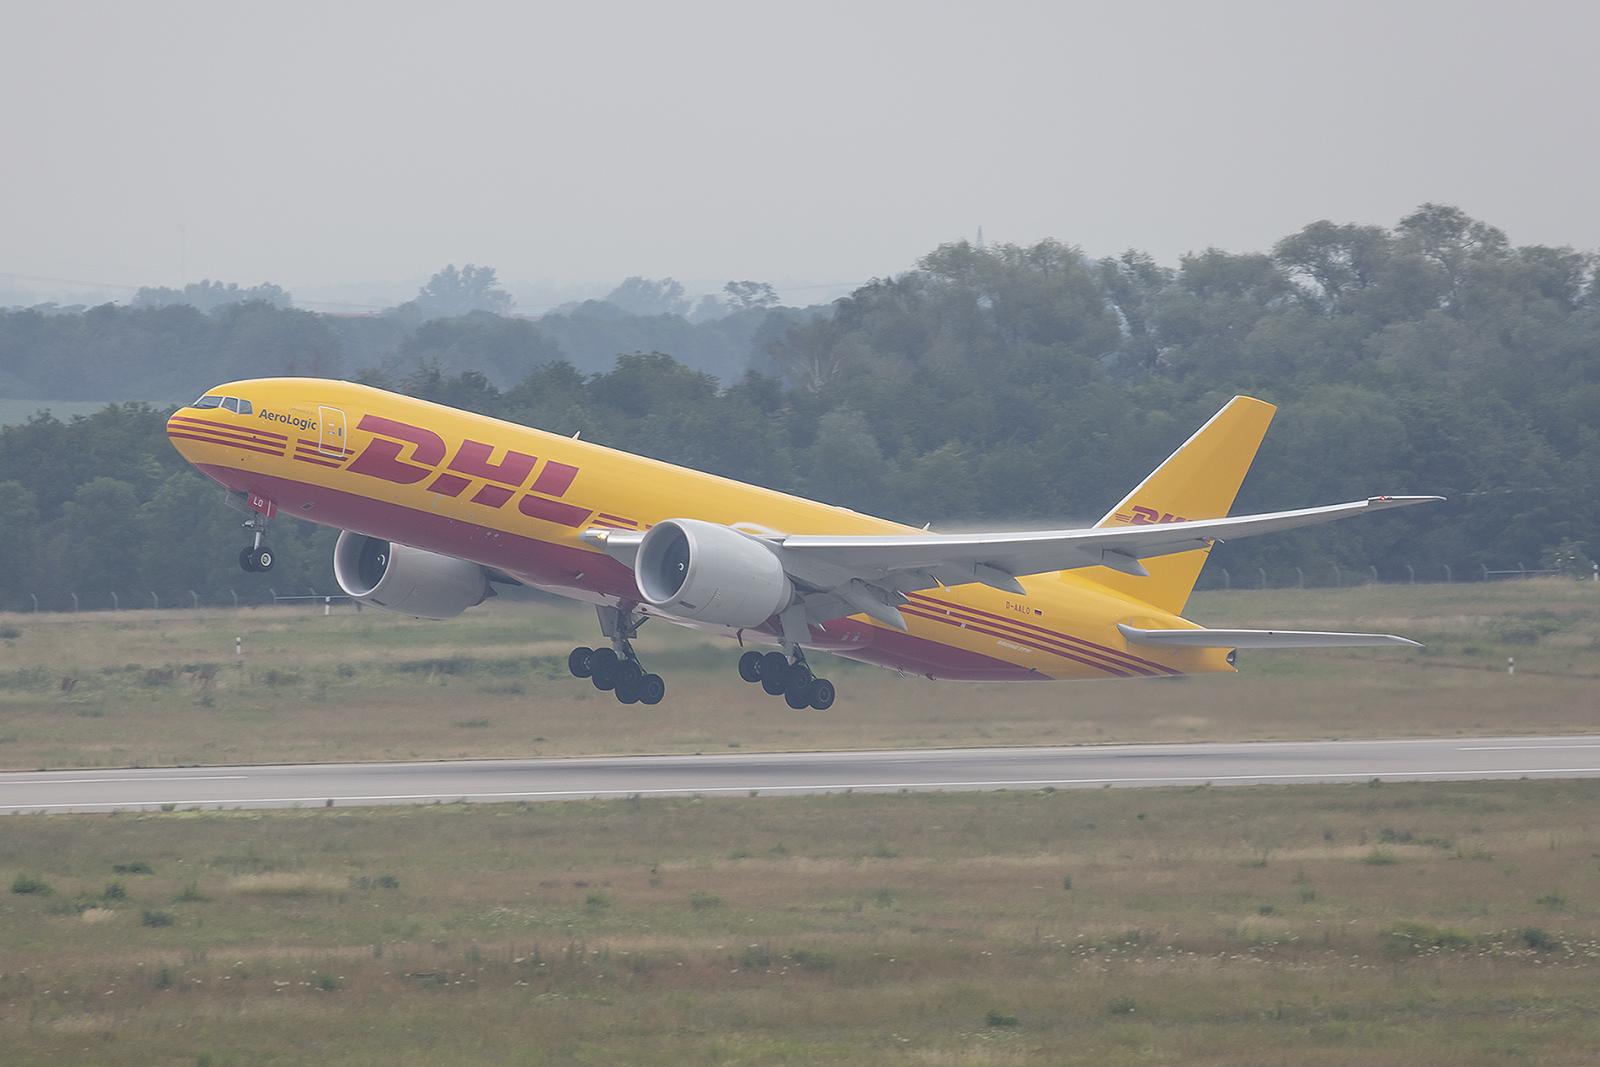 Bei unserem Besuch war diese Boeing 777 die neueste in der Flotte von Aerologic.